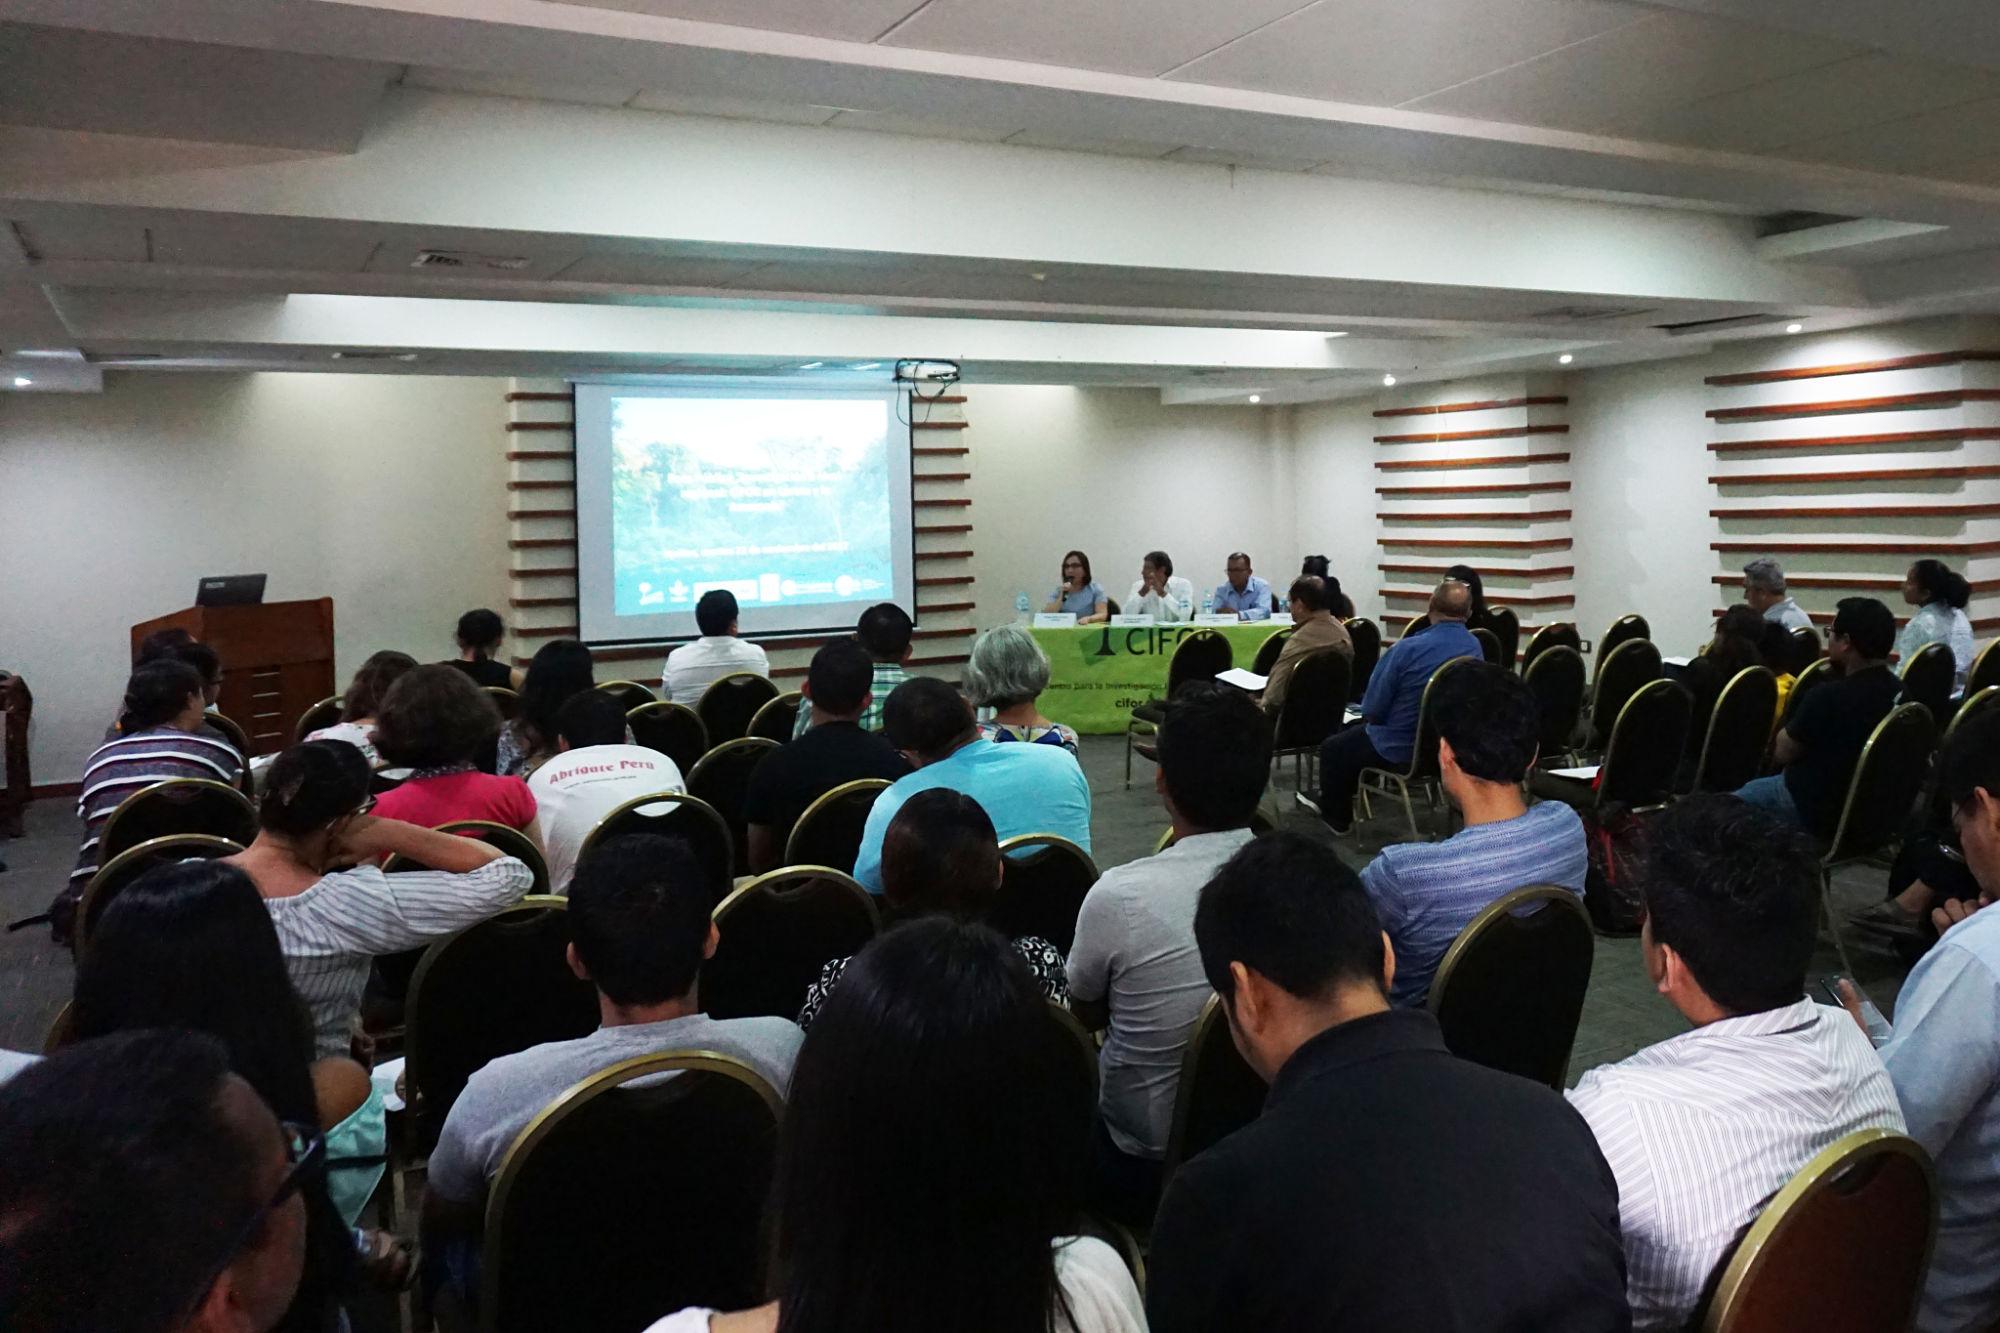 Investigadoras de CIFOR presentan resultados de estudios en la Amazonía peruana